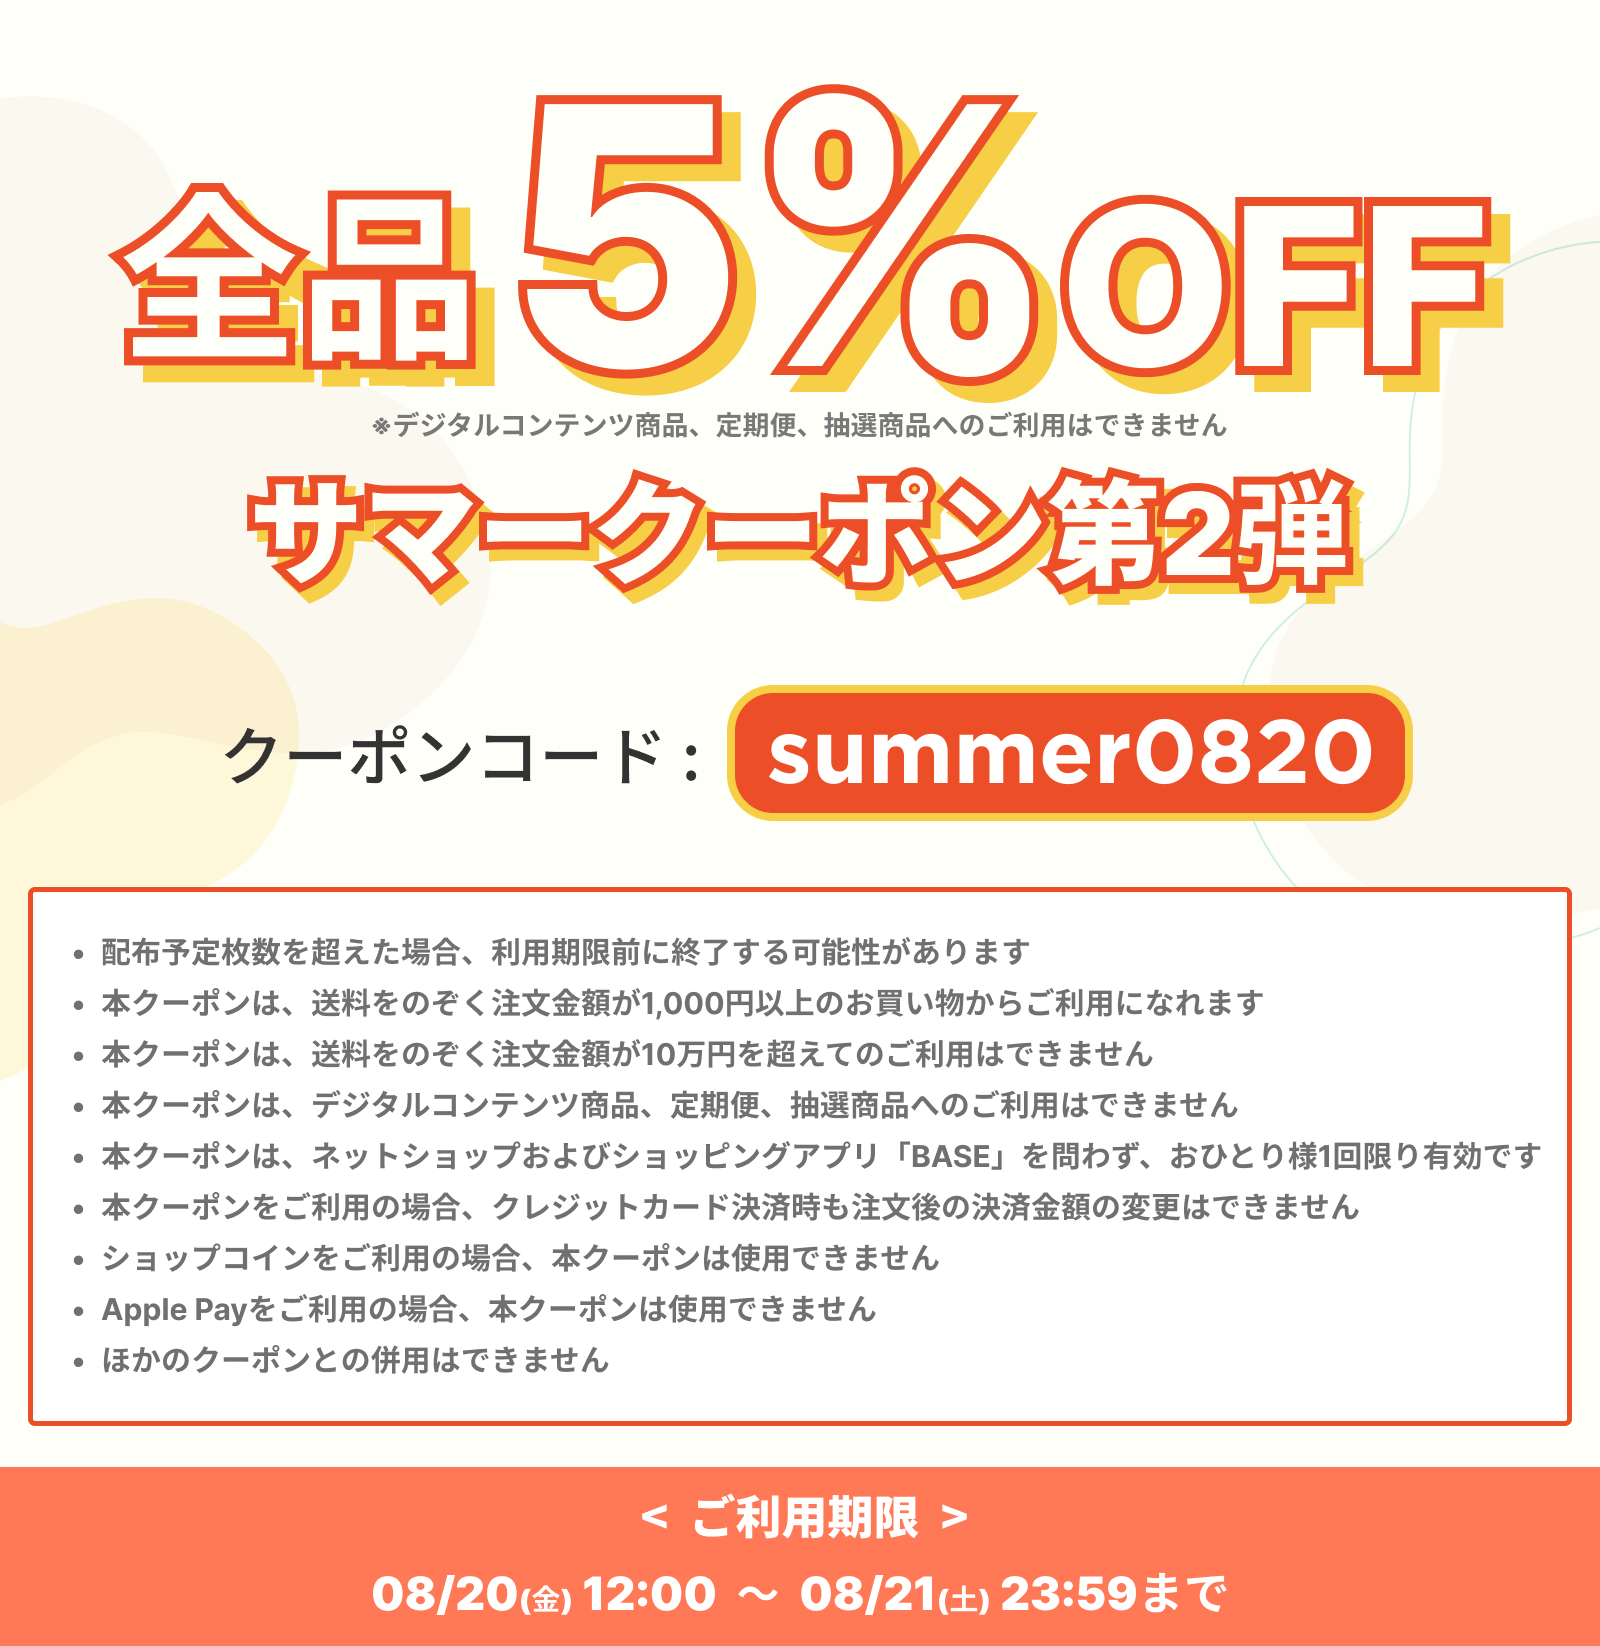 【8/20~8/21 期間限定】5%OFFクーポンのおしらせ